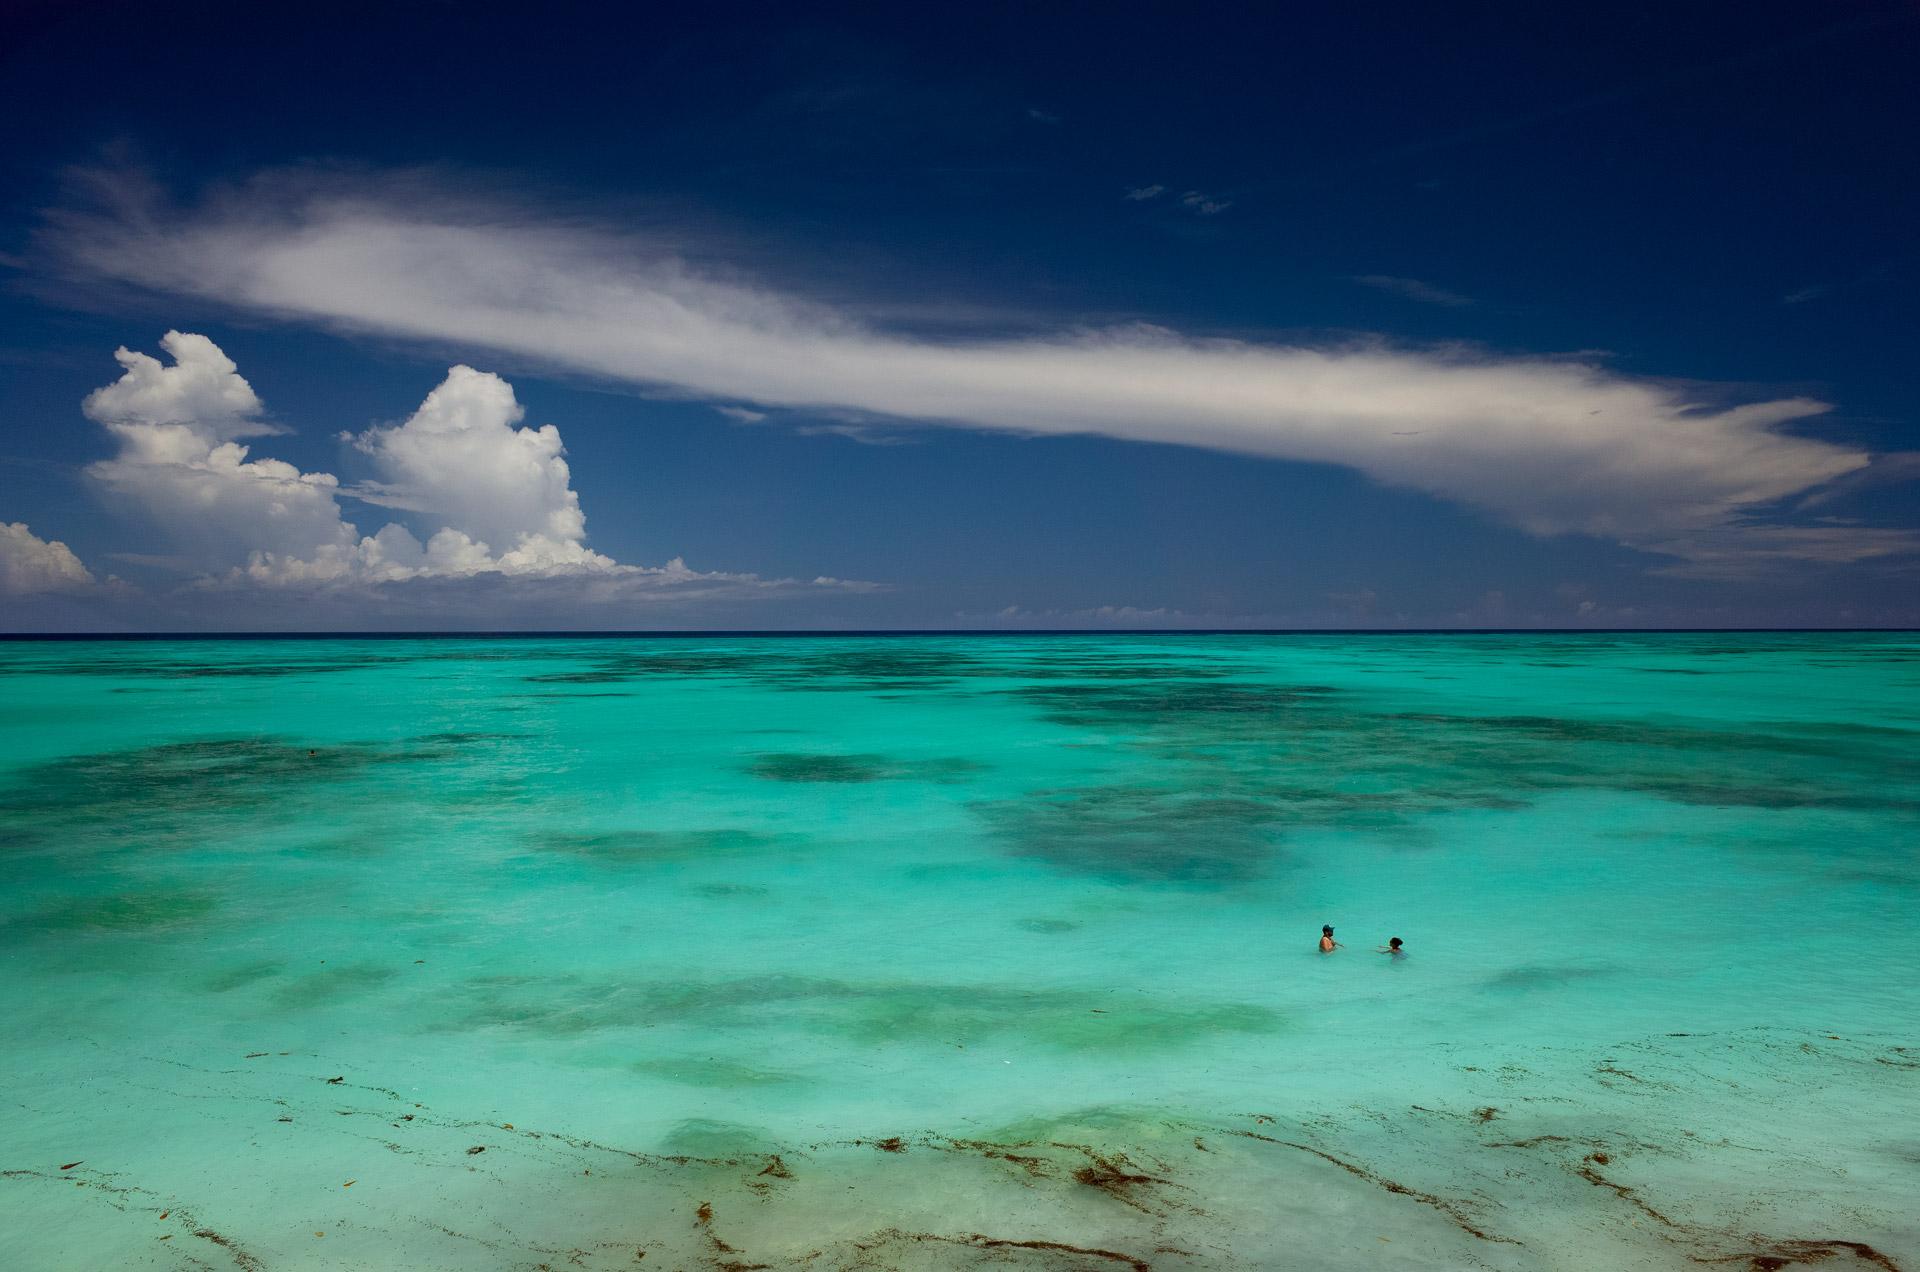 zanzibar in the clear and turqouise sea Indian Ocean